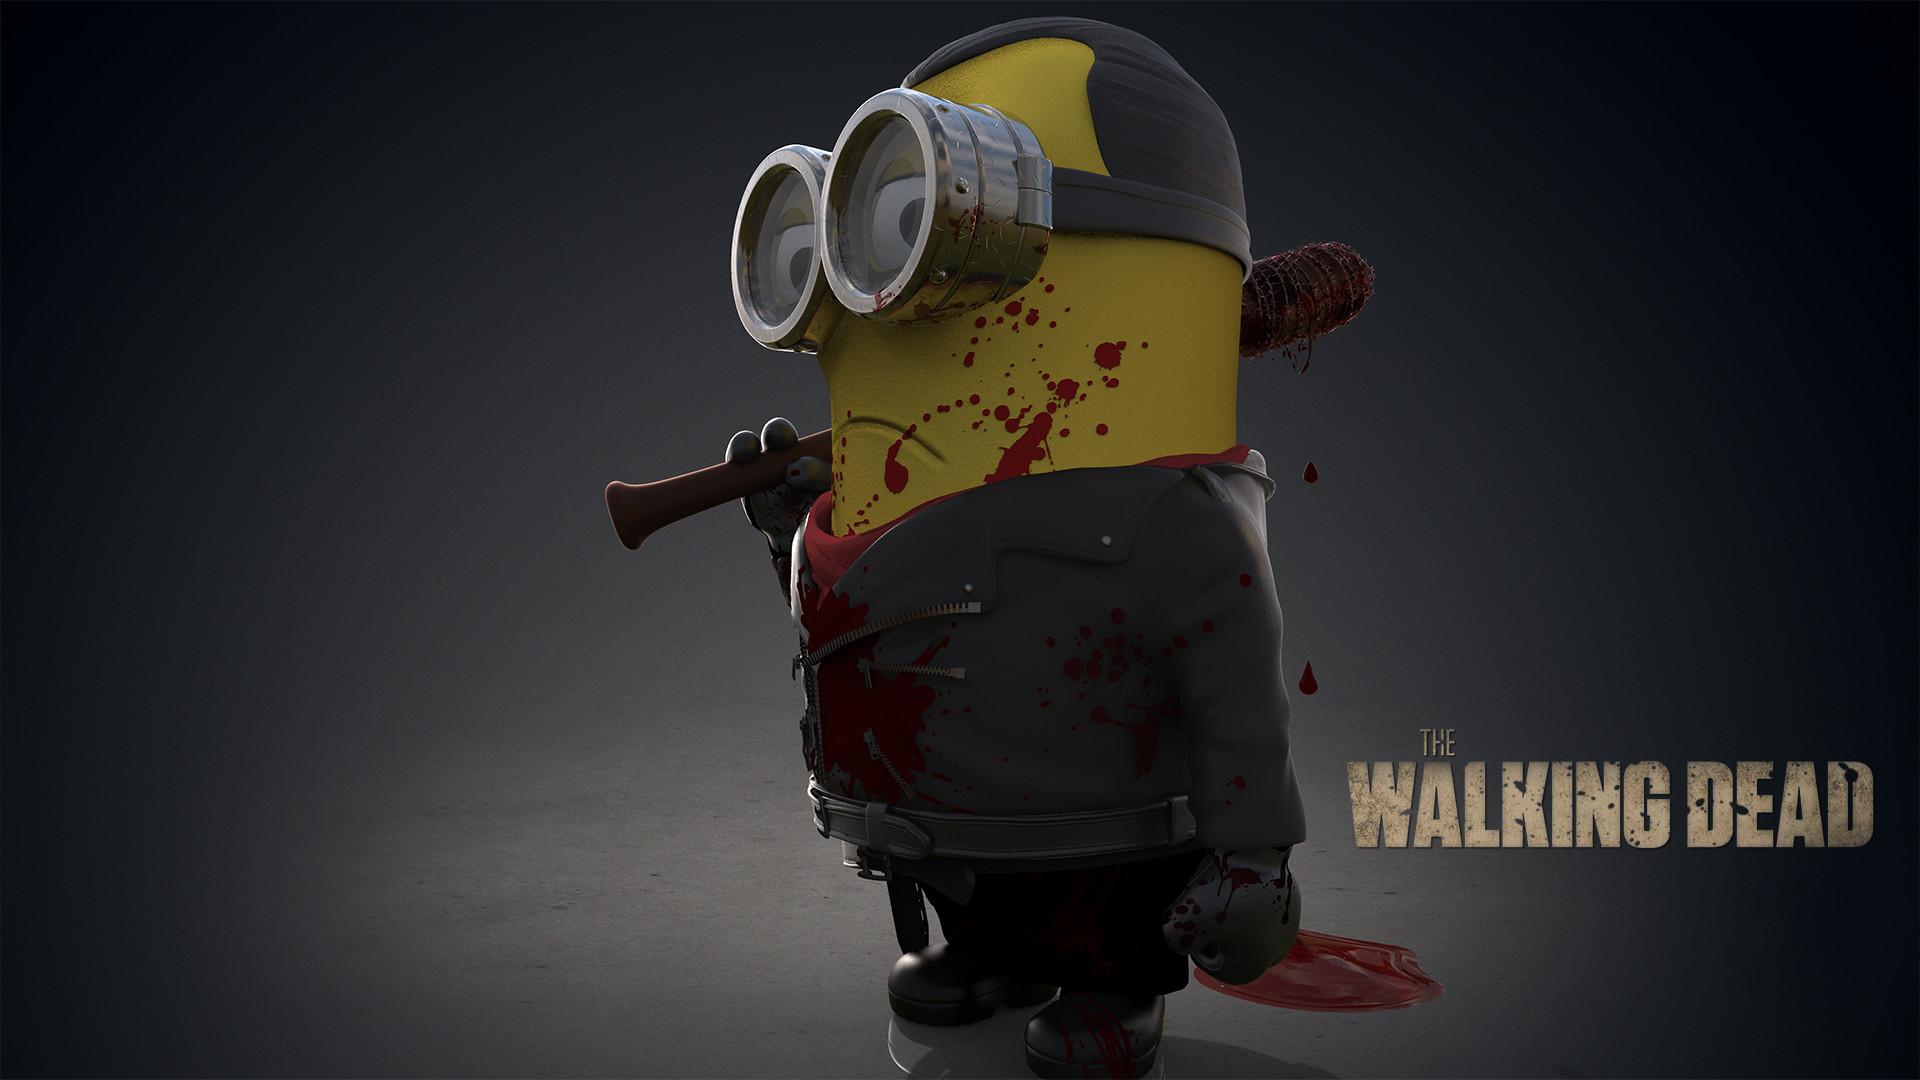 The Walking Dead Negan Wallpaper: The Walking Dead Wallpaper Negan